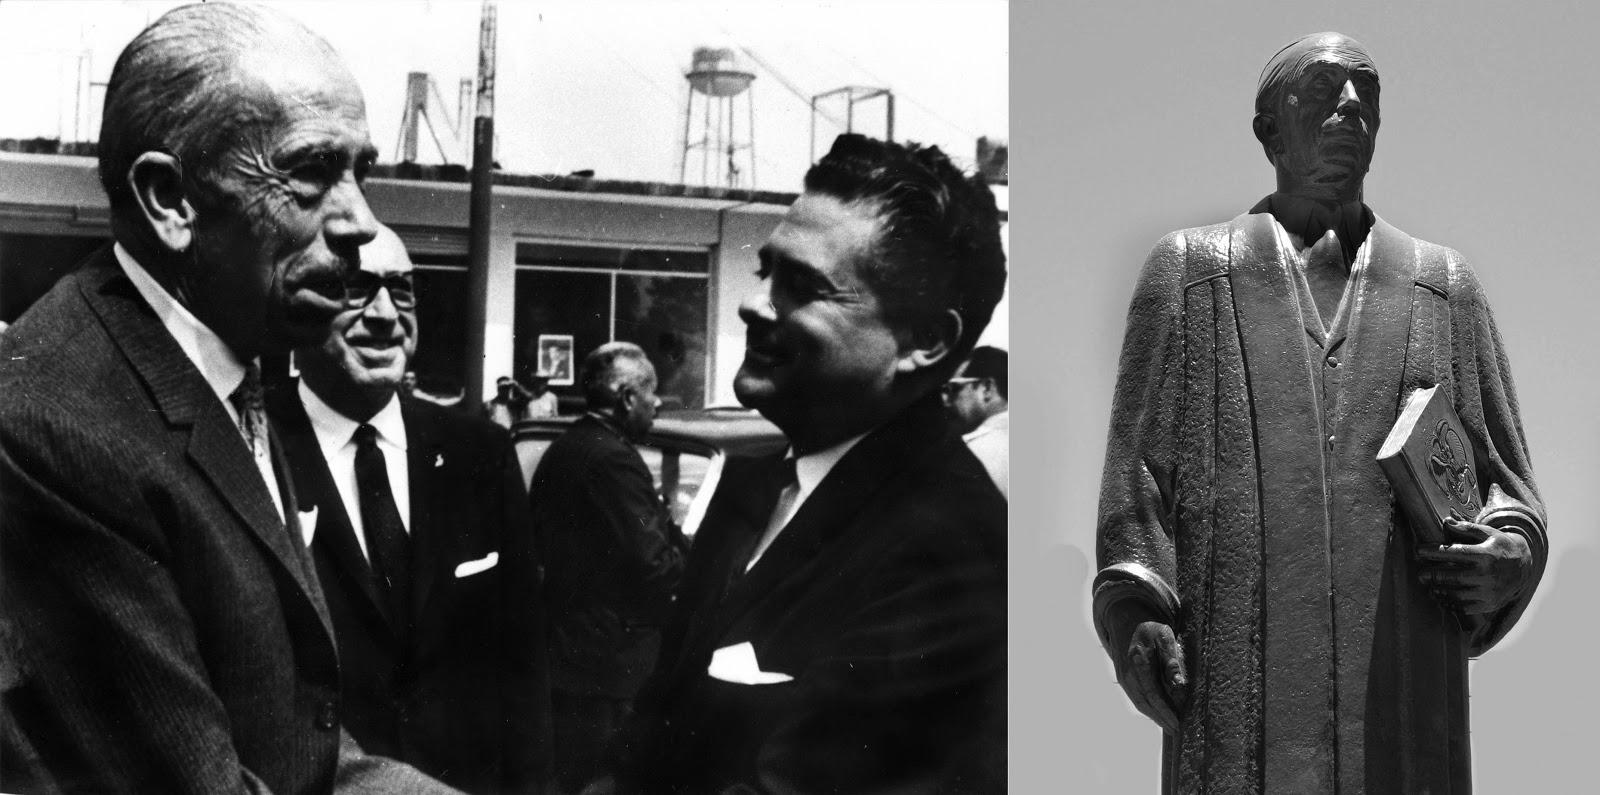 a789509d8 Nació el 31 de enero de 1894 en Tlalnepantla, Estado de México. Fue el  cuarto de los seis hijos de Eduardo Baz y Sara Prada. Cuando tenía 5 años,  ...